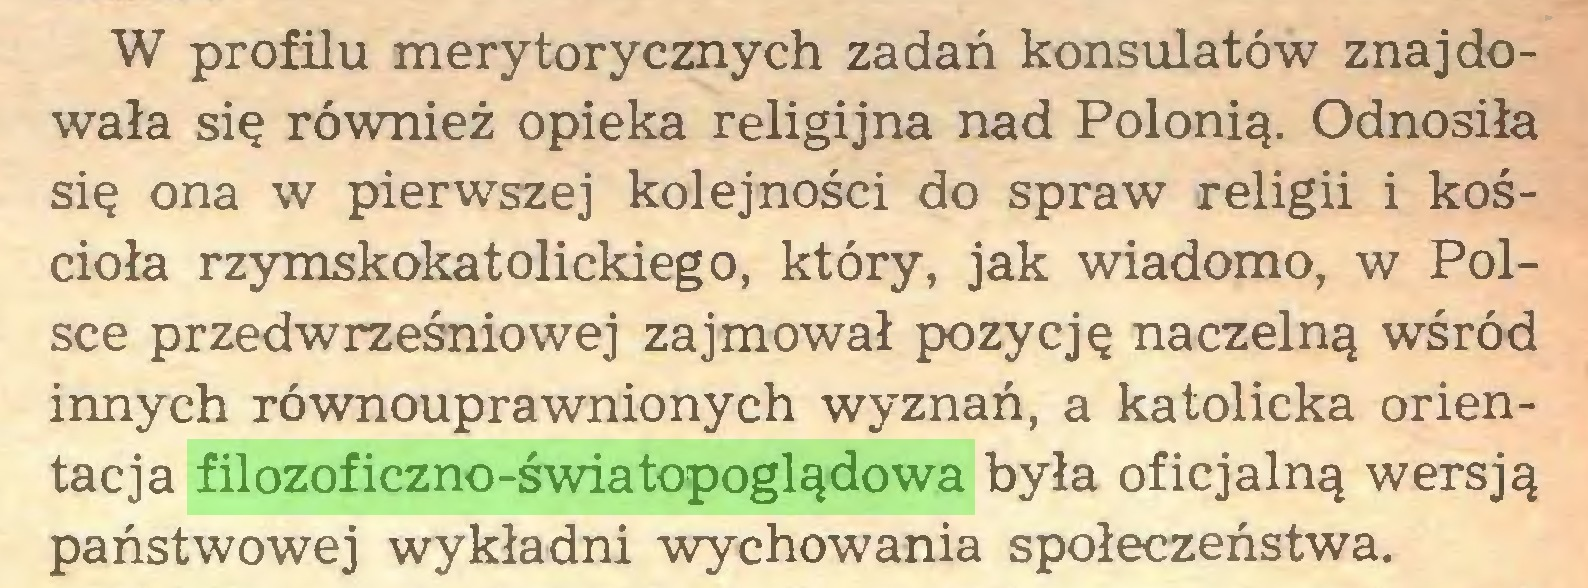 (...) W profilu merytorycznych zadań konsulatów znajdowała się również opieka religijna nad Polonią. Odnosiła się ona w pierwszej kolejności do spraw religii i kościoła rzymskokatolickiego, który, jak wiadomo, w Polsce przedwrześniowej zajmował pozycję naczelną wśród innych równouprawnionych wyznań, a katolicka orientacja filozoficzno-światopoglądowa była oficjalną wersją państwowej wykładni wychowania społeczeństwa...